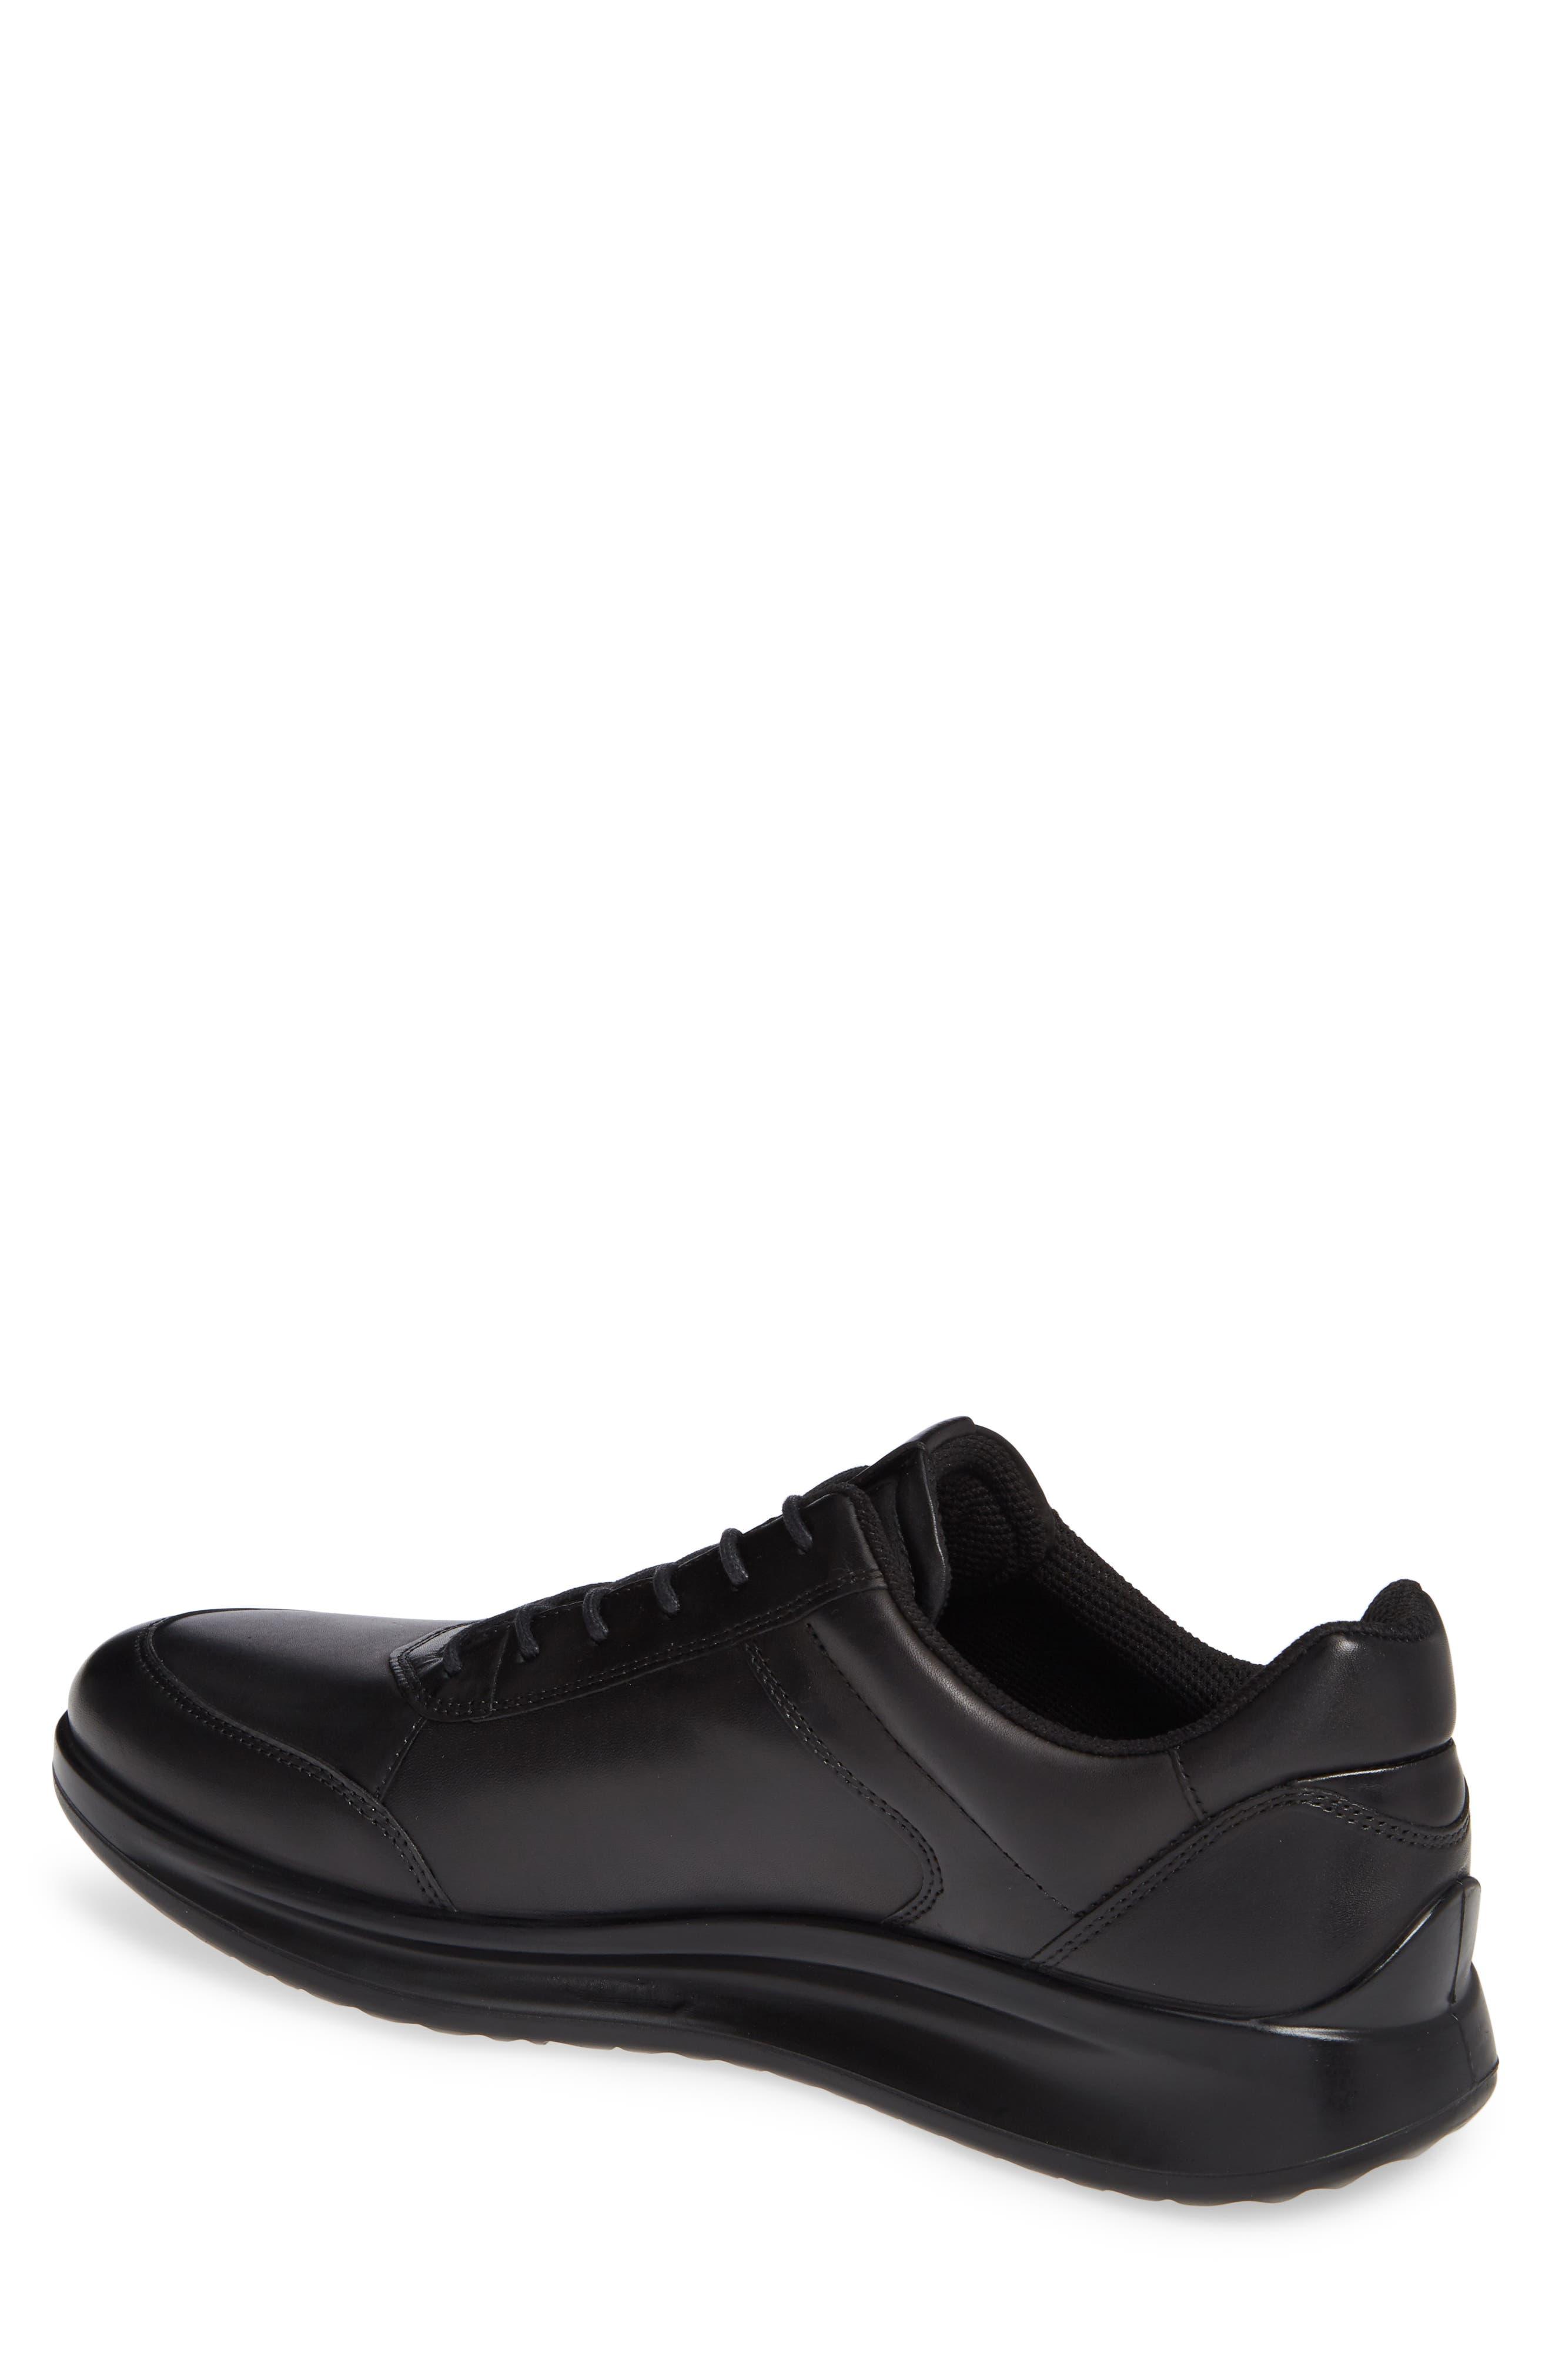 Aquet Low Top Sneaker,                             Alternate thumbnail 2, color,                             BLACK LEATHER